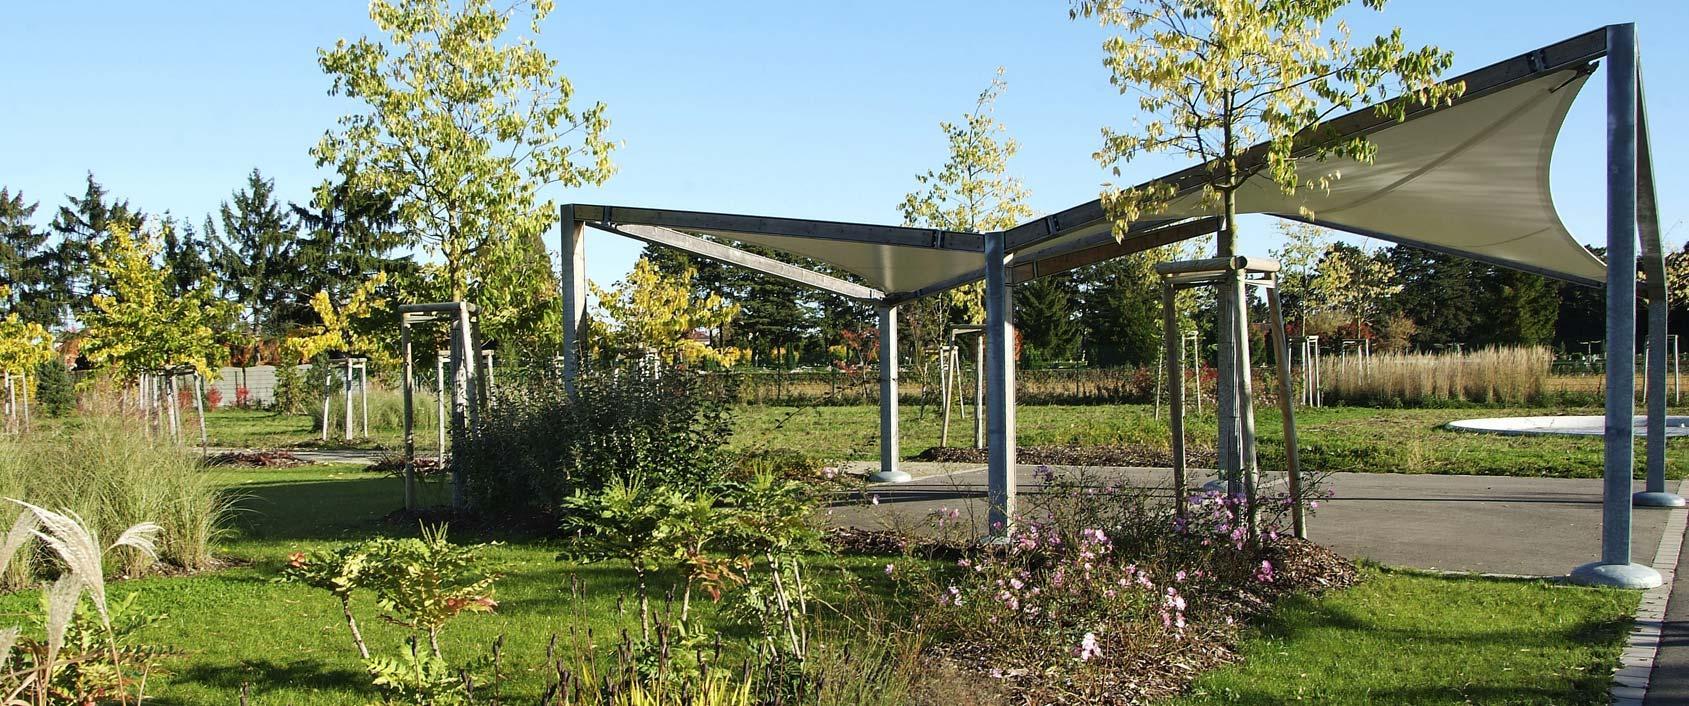 Scop espaces verts am nagement et entretien du paysage for Amenagement espace vert